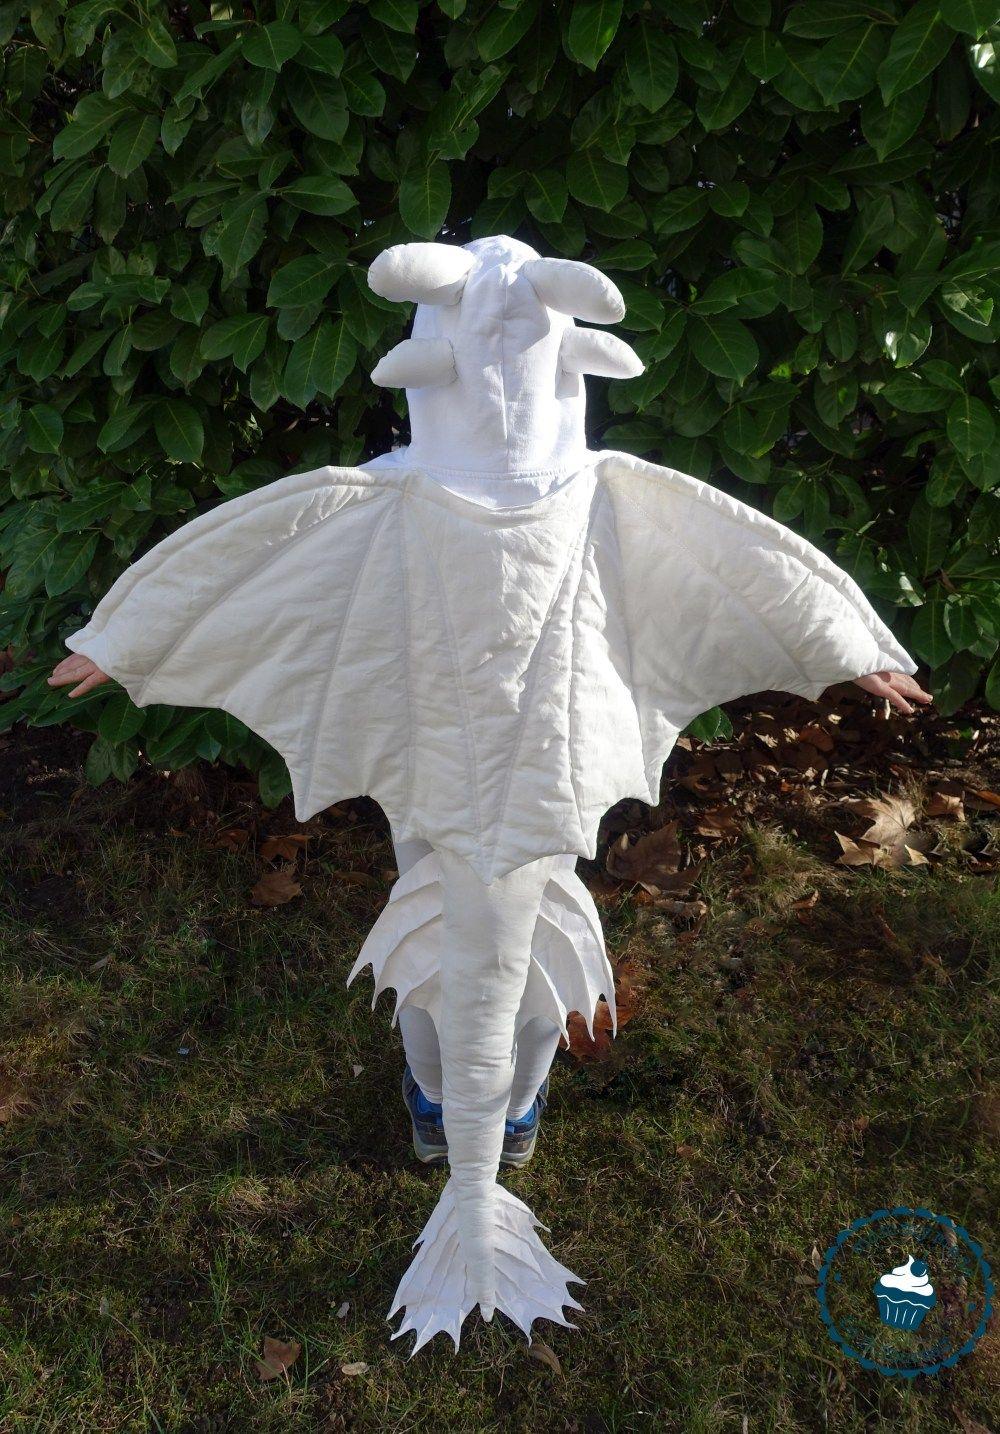 Tagschatten Kostum Diy Lightfury Costume Mommymade Halloween Kostume Fur Madchen Halloween Kostume Selbstgemacht Drachenkostum